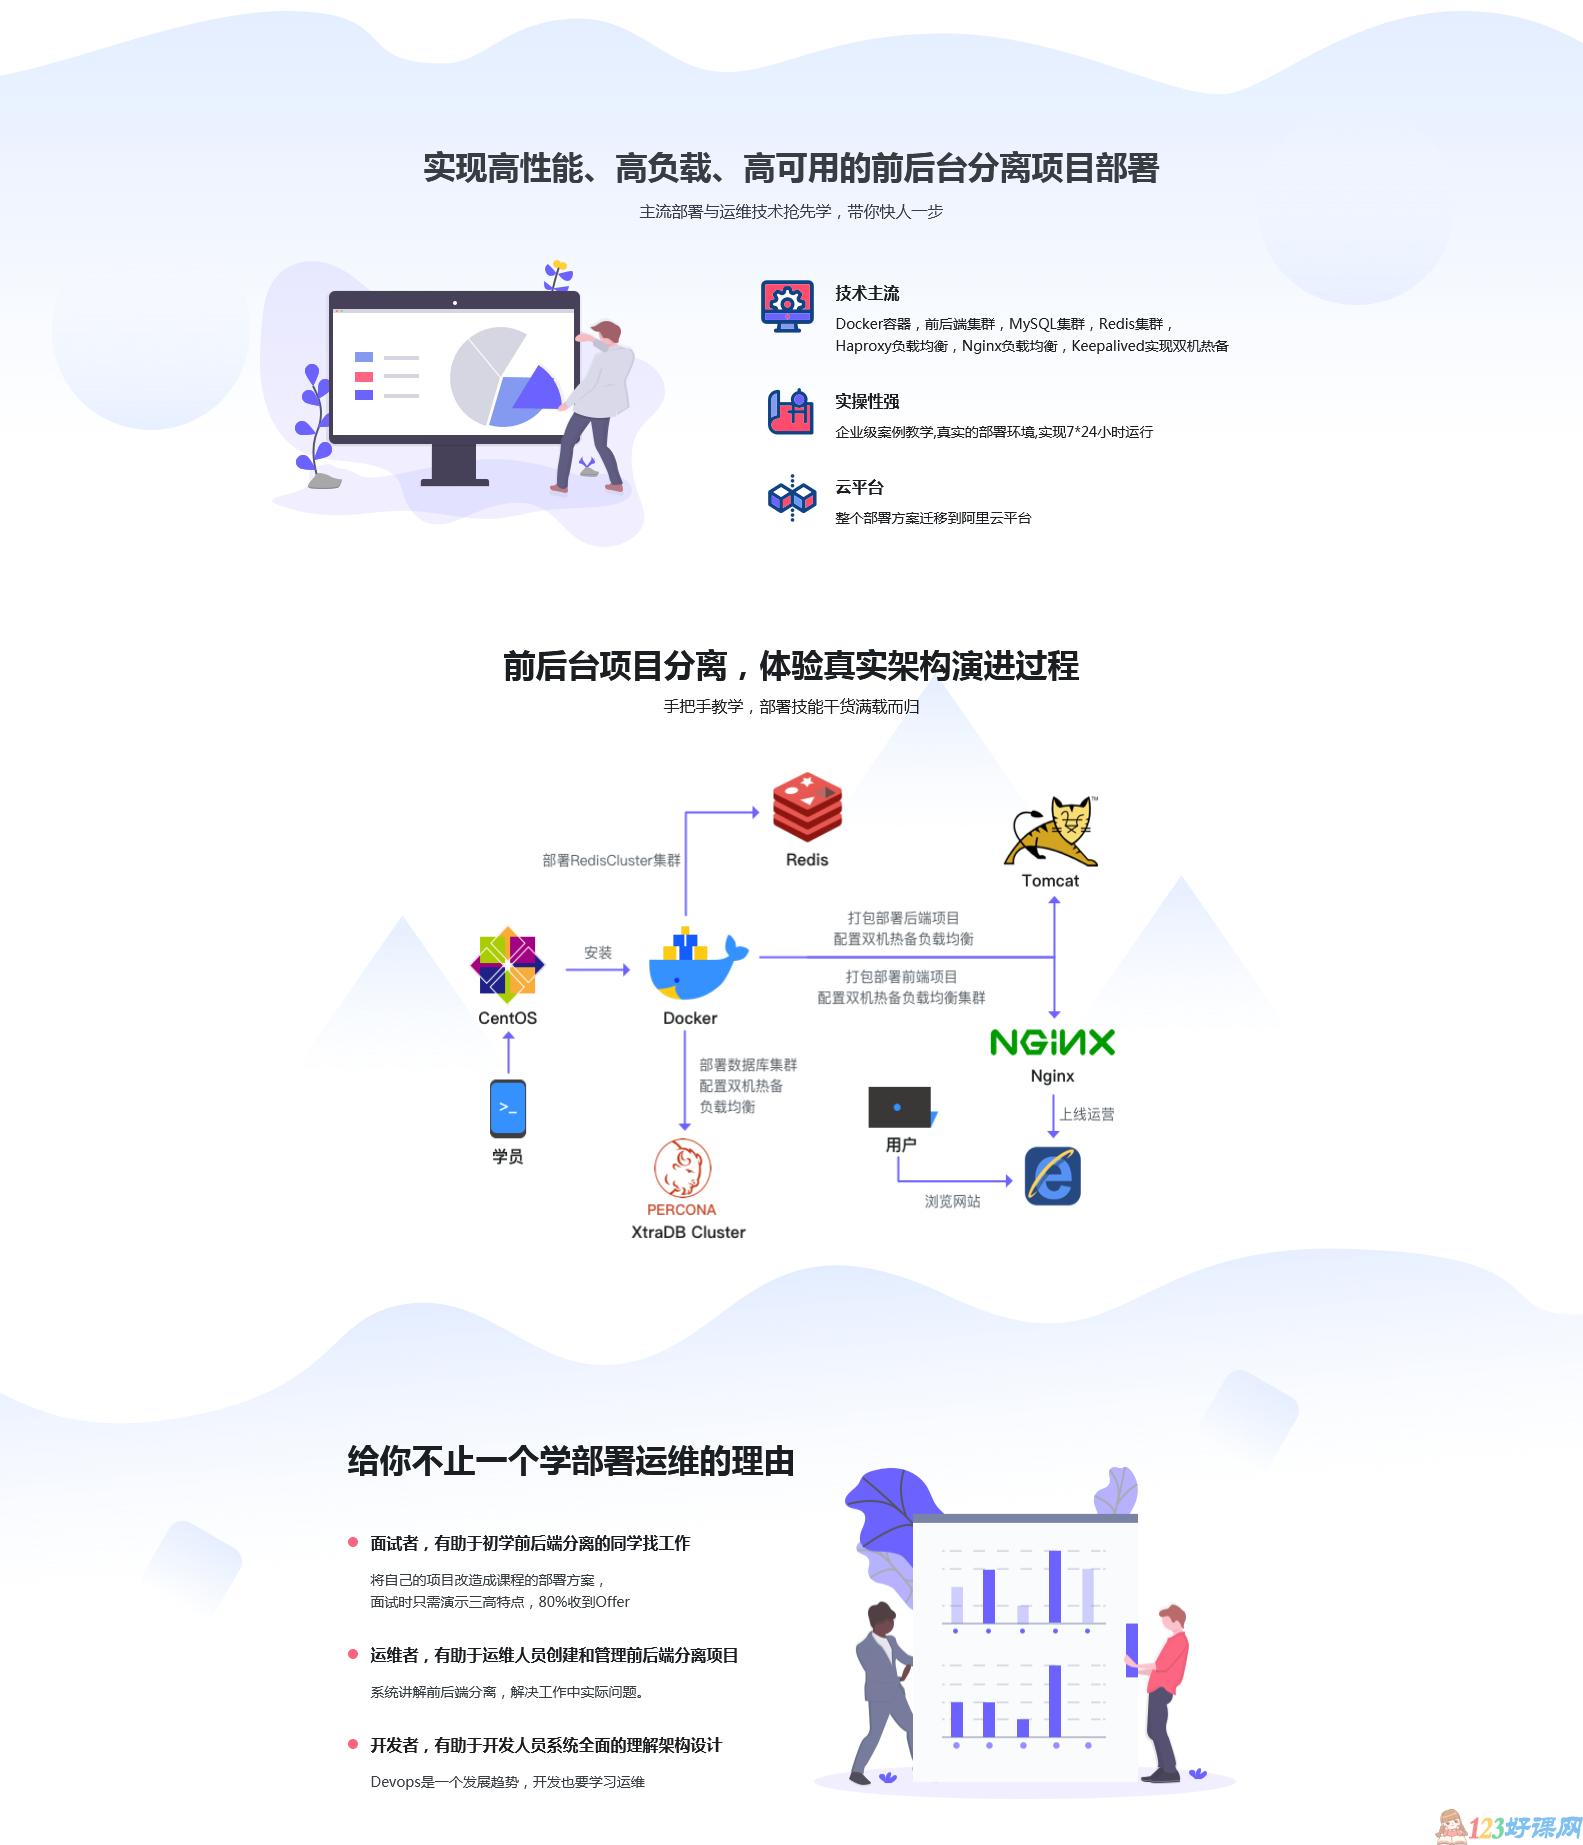 慕课网:Docker环境下的前后端分离项目部署与运维